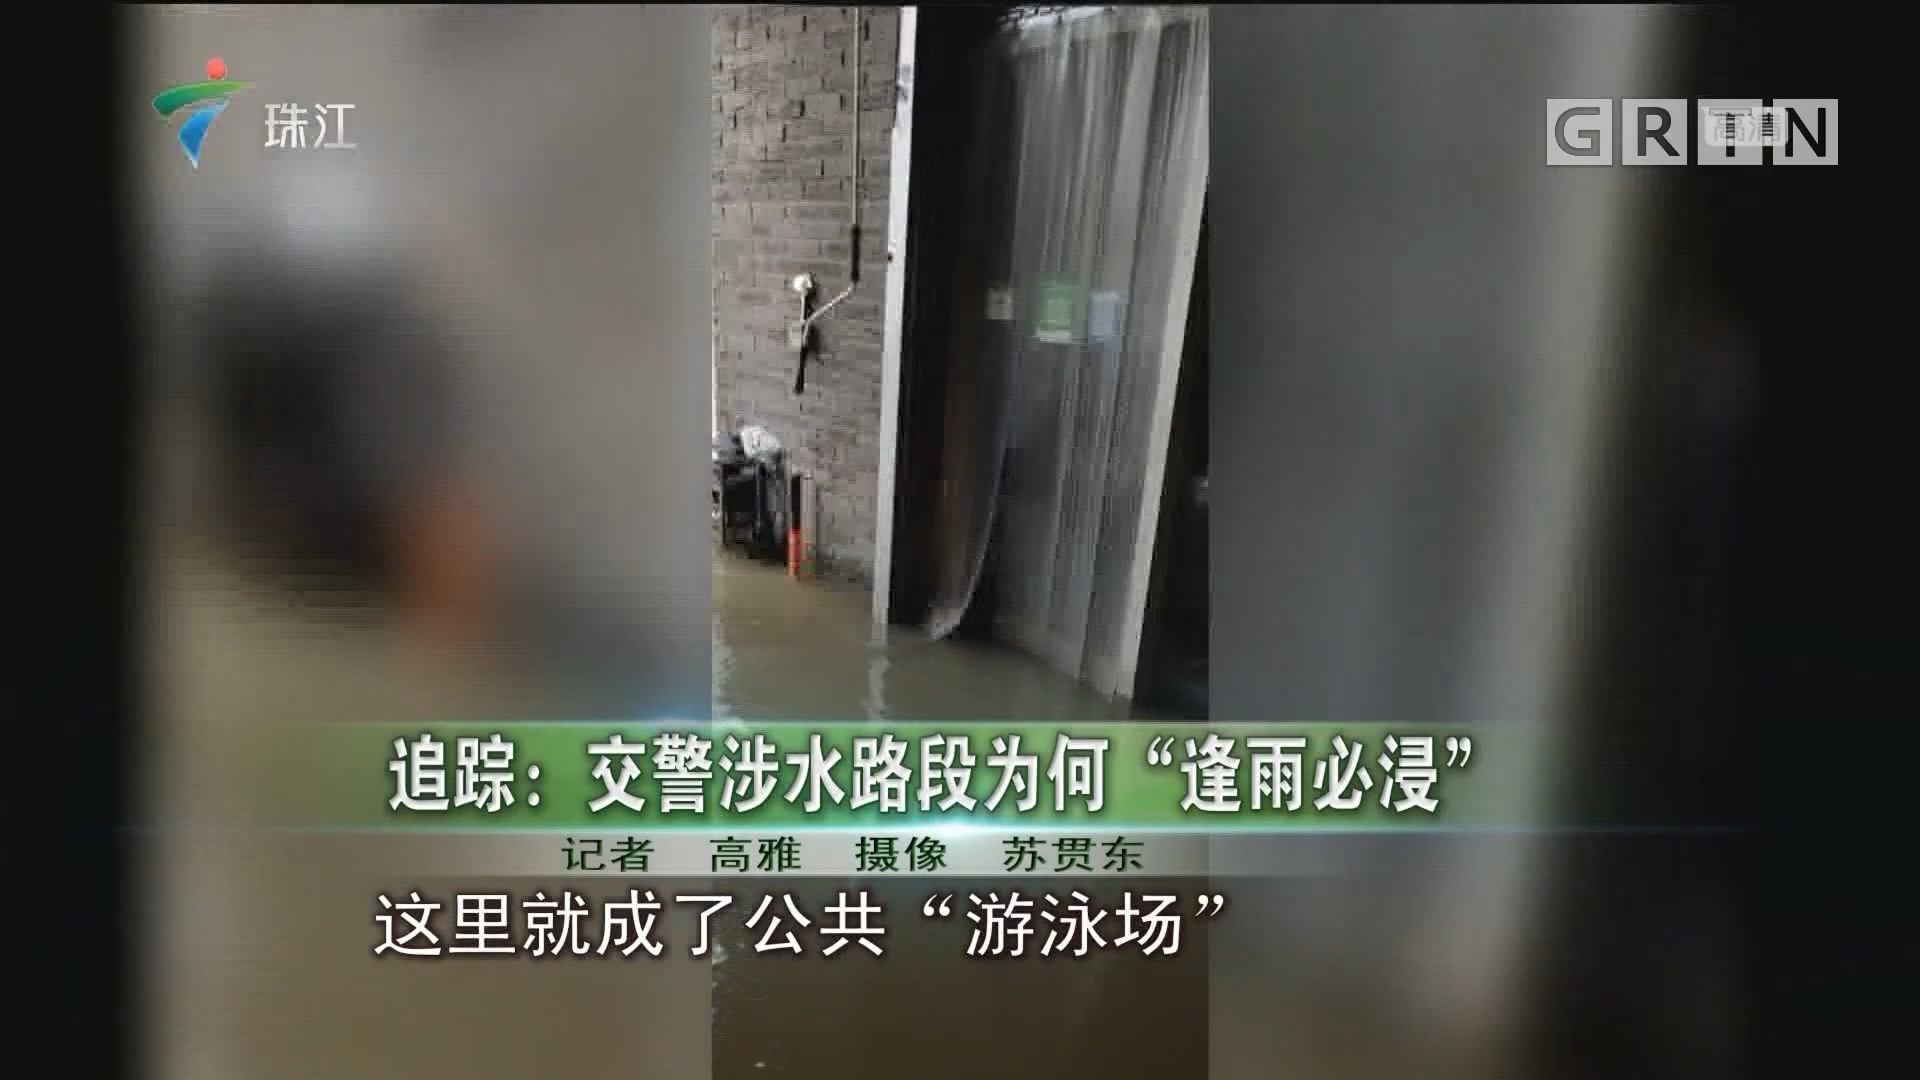 """追踪:交警涉水路段为何""""逢雨必浸"""""""